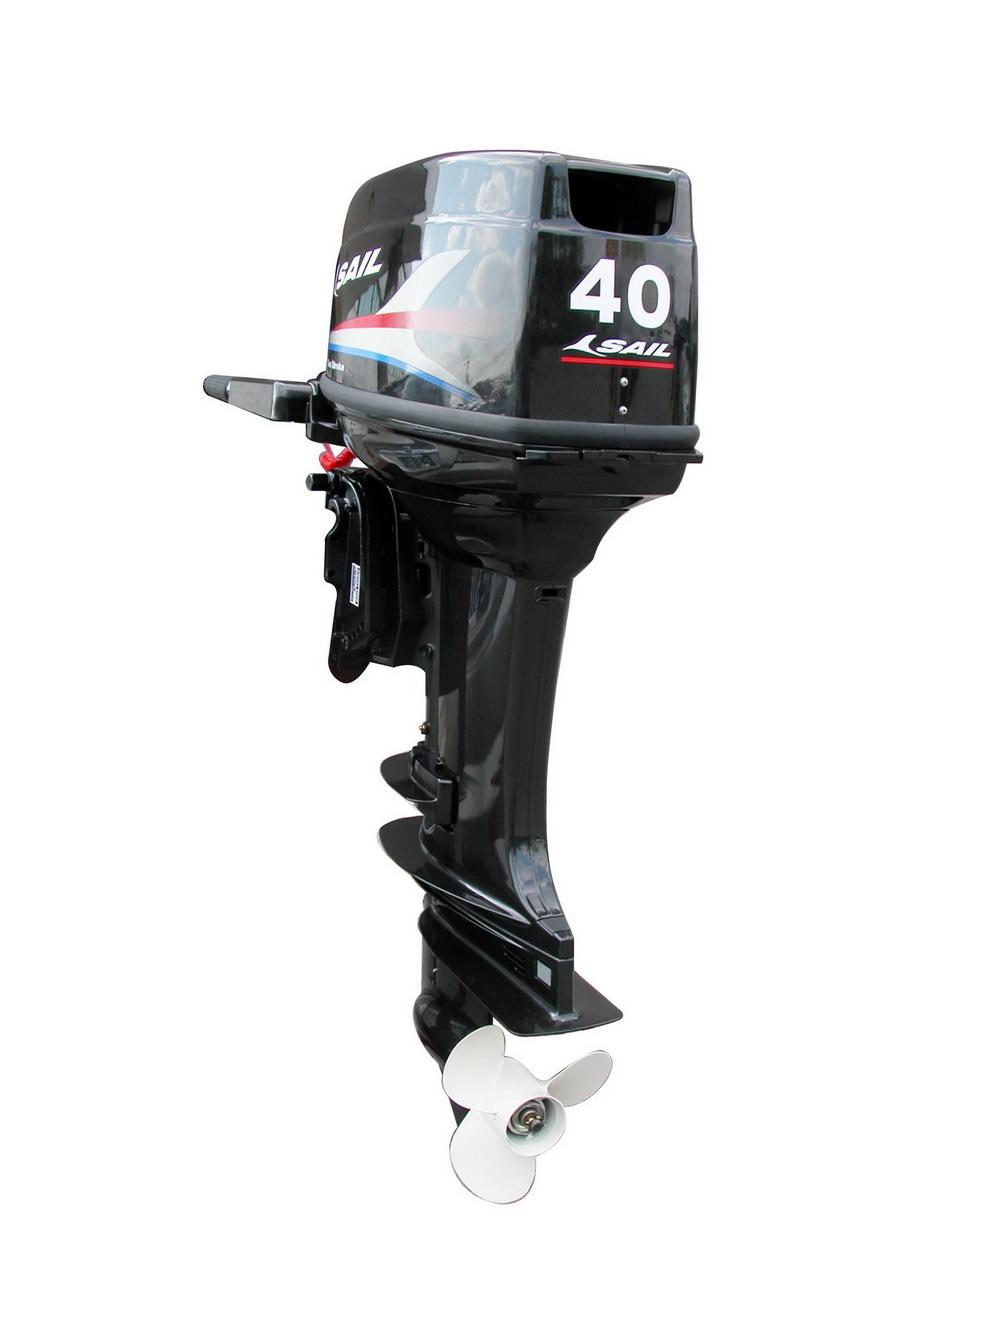 Outboard motor 2 stroke 40hp jiangsu tiger yacht Two stroke outboard motors